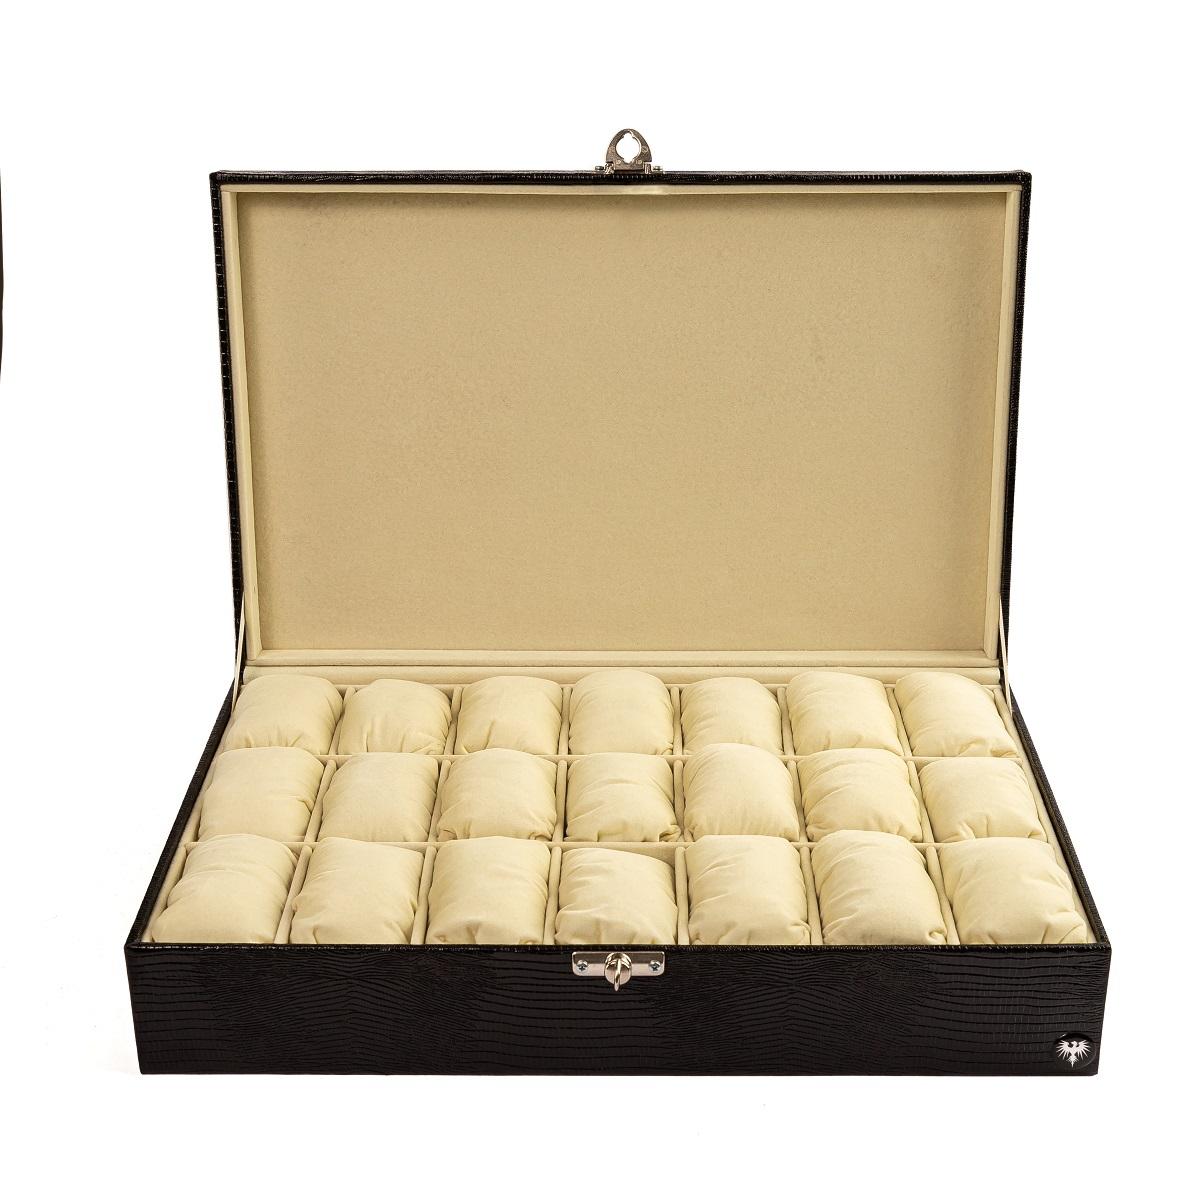 caixa-porta-relogio-21-nichos-couro-ecologico-preto-bege-imagem-2.jpg